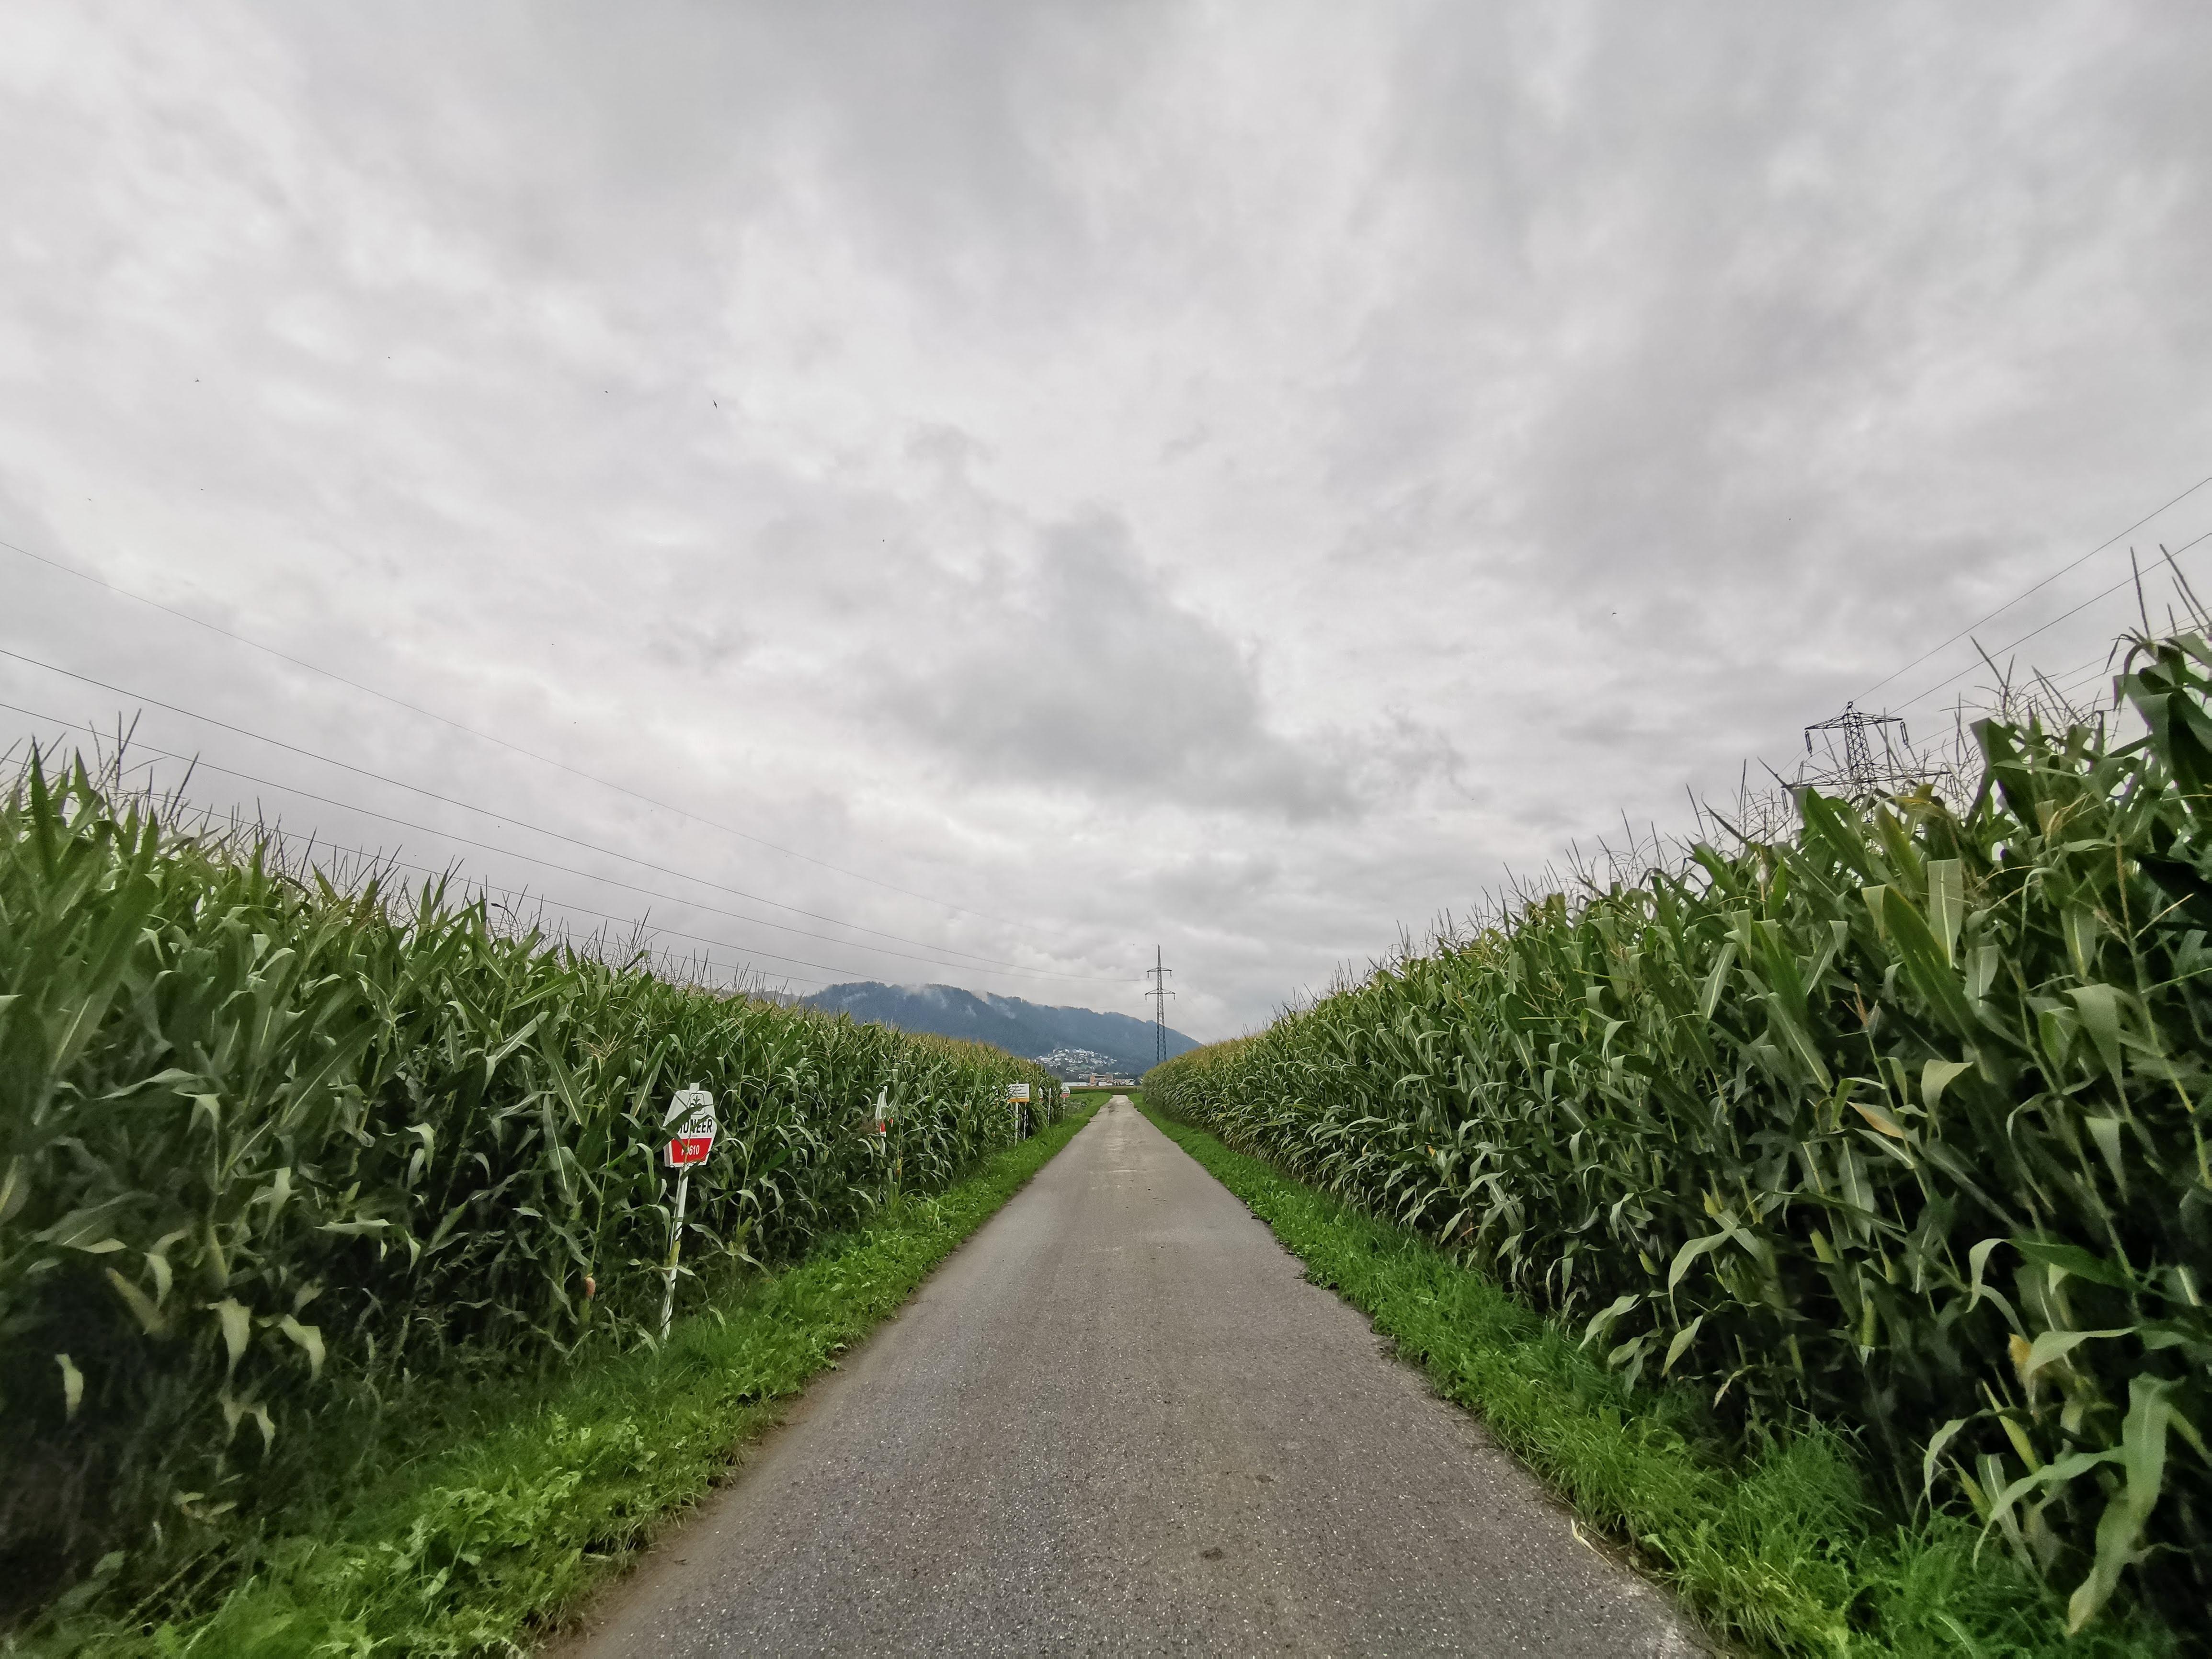 Maisfelder und dunkle Wolken am Inn